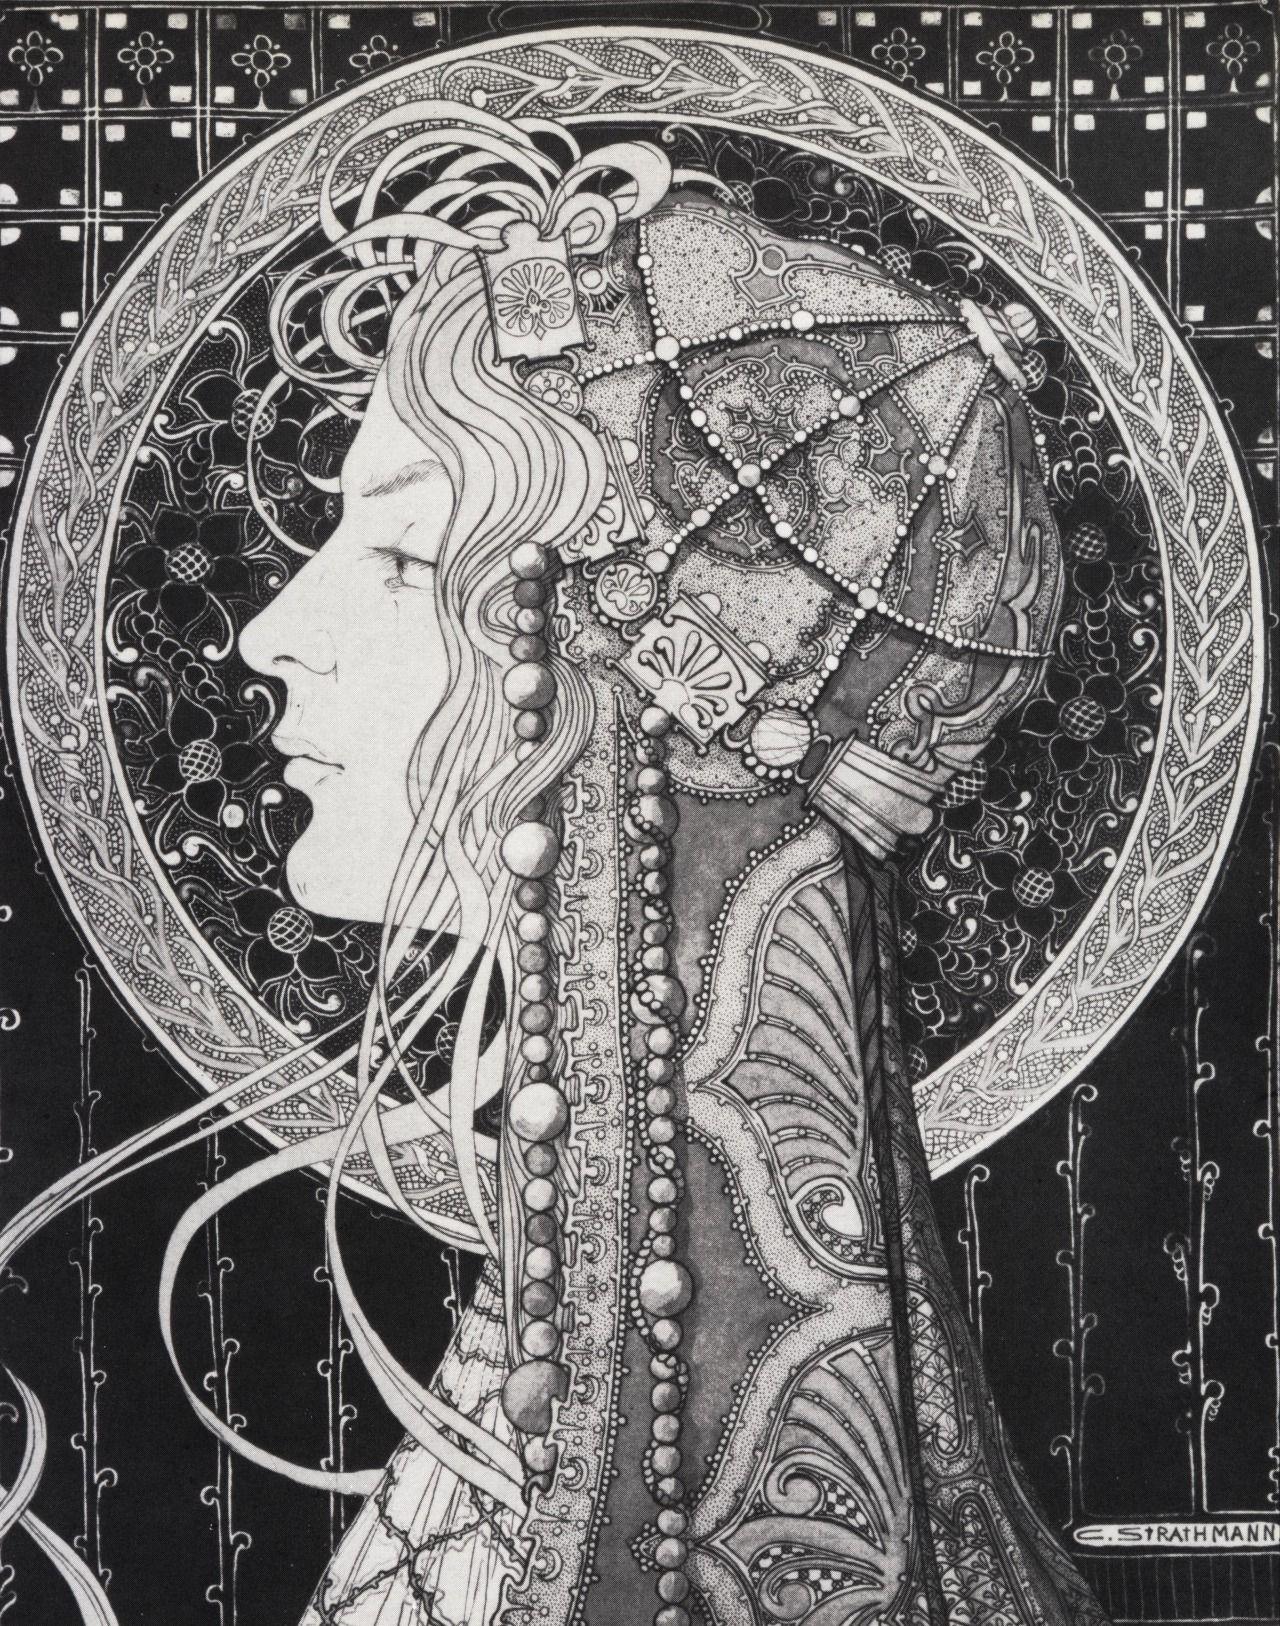 Affiche Art Nouveau Stijl Vrouw Poster Jugendstil